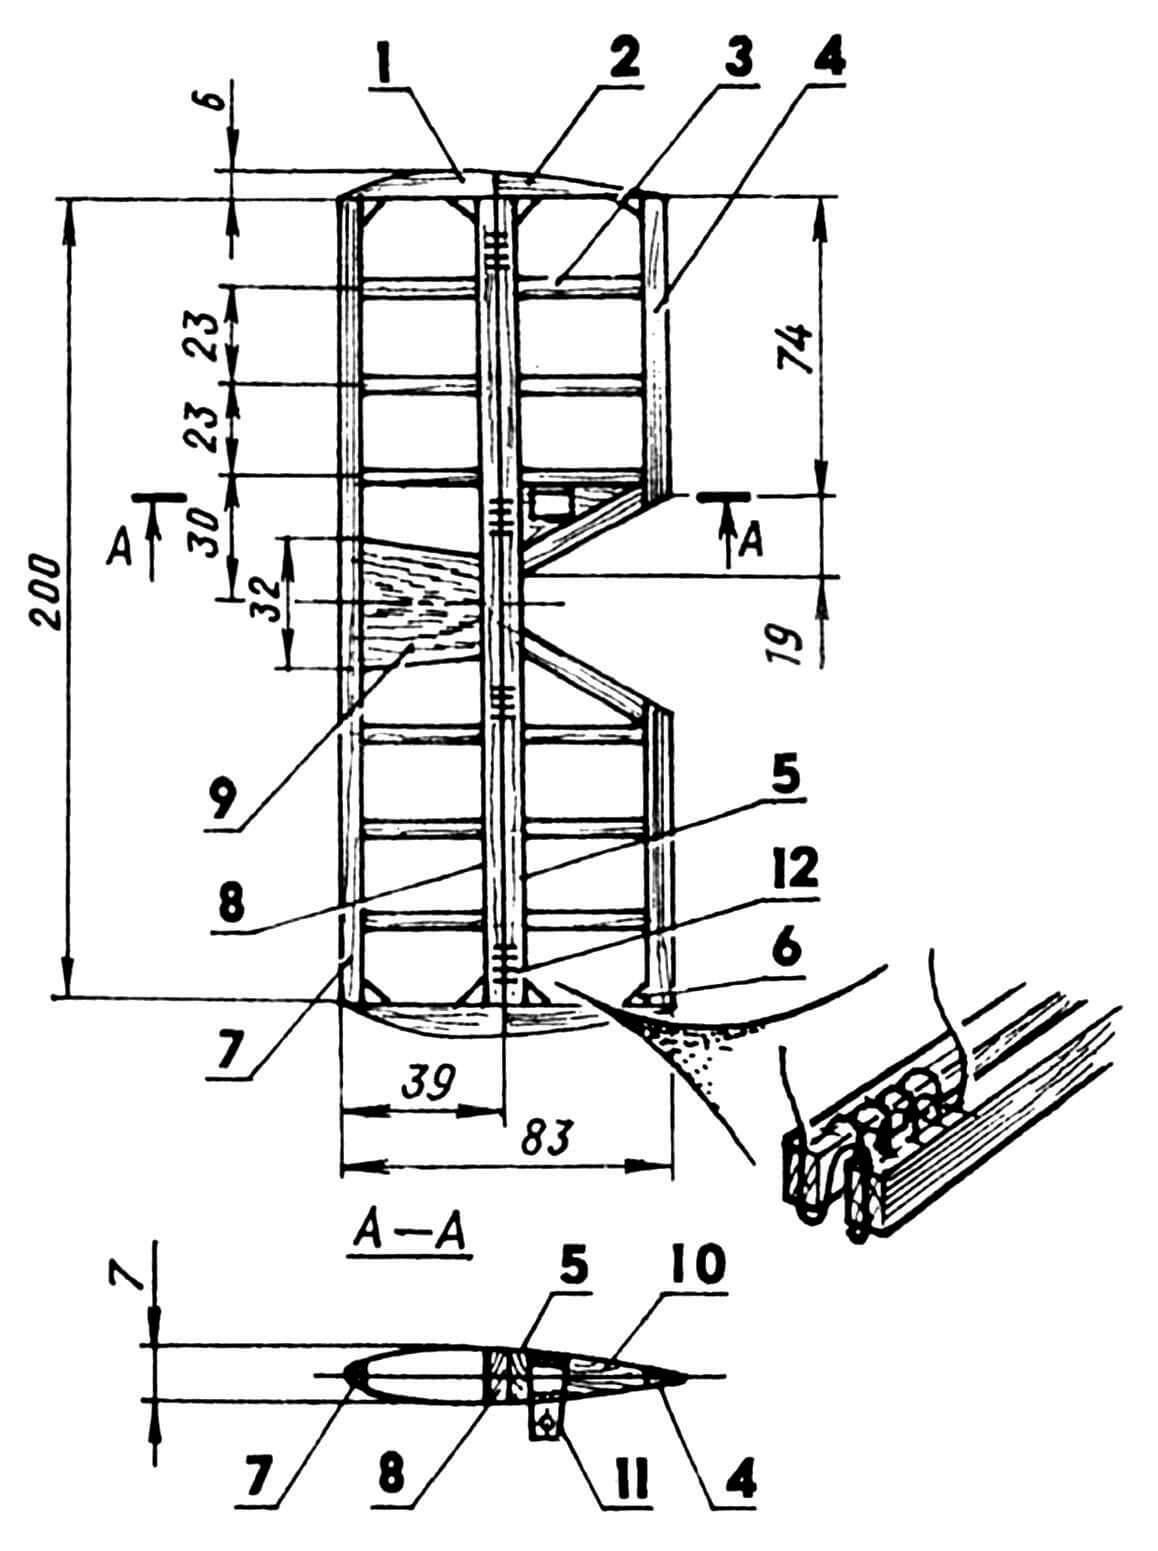 Горизонтальное оперение модели: 1 — законцовка стабилизатора (липа, рейка 10x6); 2 — законцовка руля высоты (липа, рейка 10x6); 3 — нервюра (сосна, пластина s3); 4 — кромка руля, задняя (сосна, рейка 12x4); 5 — кромка руля, передняя (сосна, рейка 10x5); 6 — косынка усиливающая (фанера березовая, s2); 7 — носок стабилизатора (сосна, рейка 8x5); 8 — кромка стабилизатора, задняя (сосна, рейка 10x5); 9 — заполнение (липа); 10 — заполнение (липа); 11 — кабанчик руля высоты (дюралюминий, s1,5); 12 — петля навески (капроновая нить).